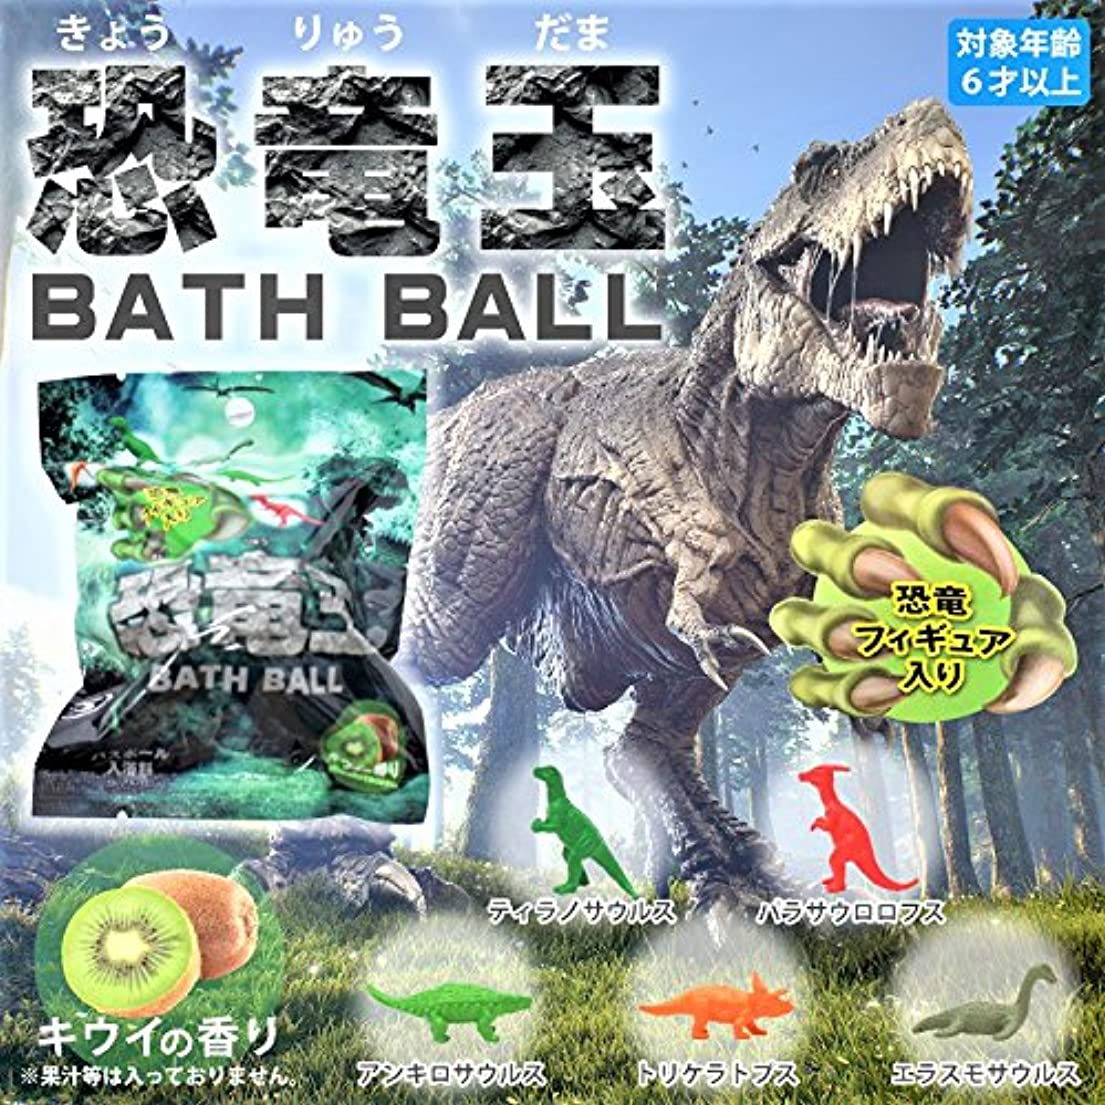 埋め込む言い直すドット恐竜玉バスボール 6個1セット キウイの香り 恐竜フィギュア入りバスボール 入浴剤